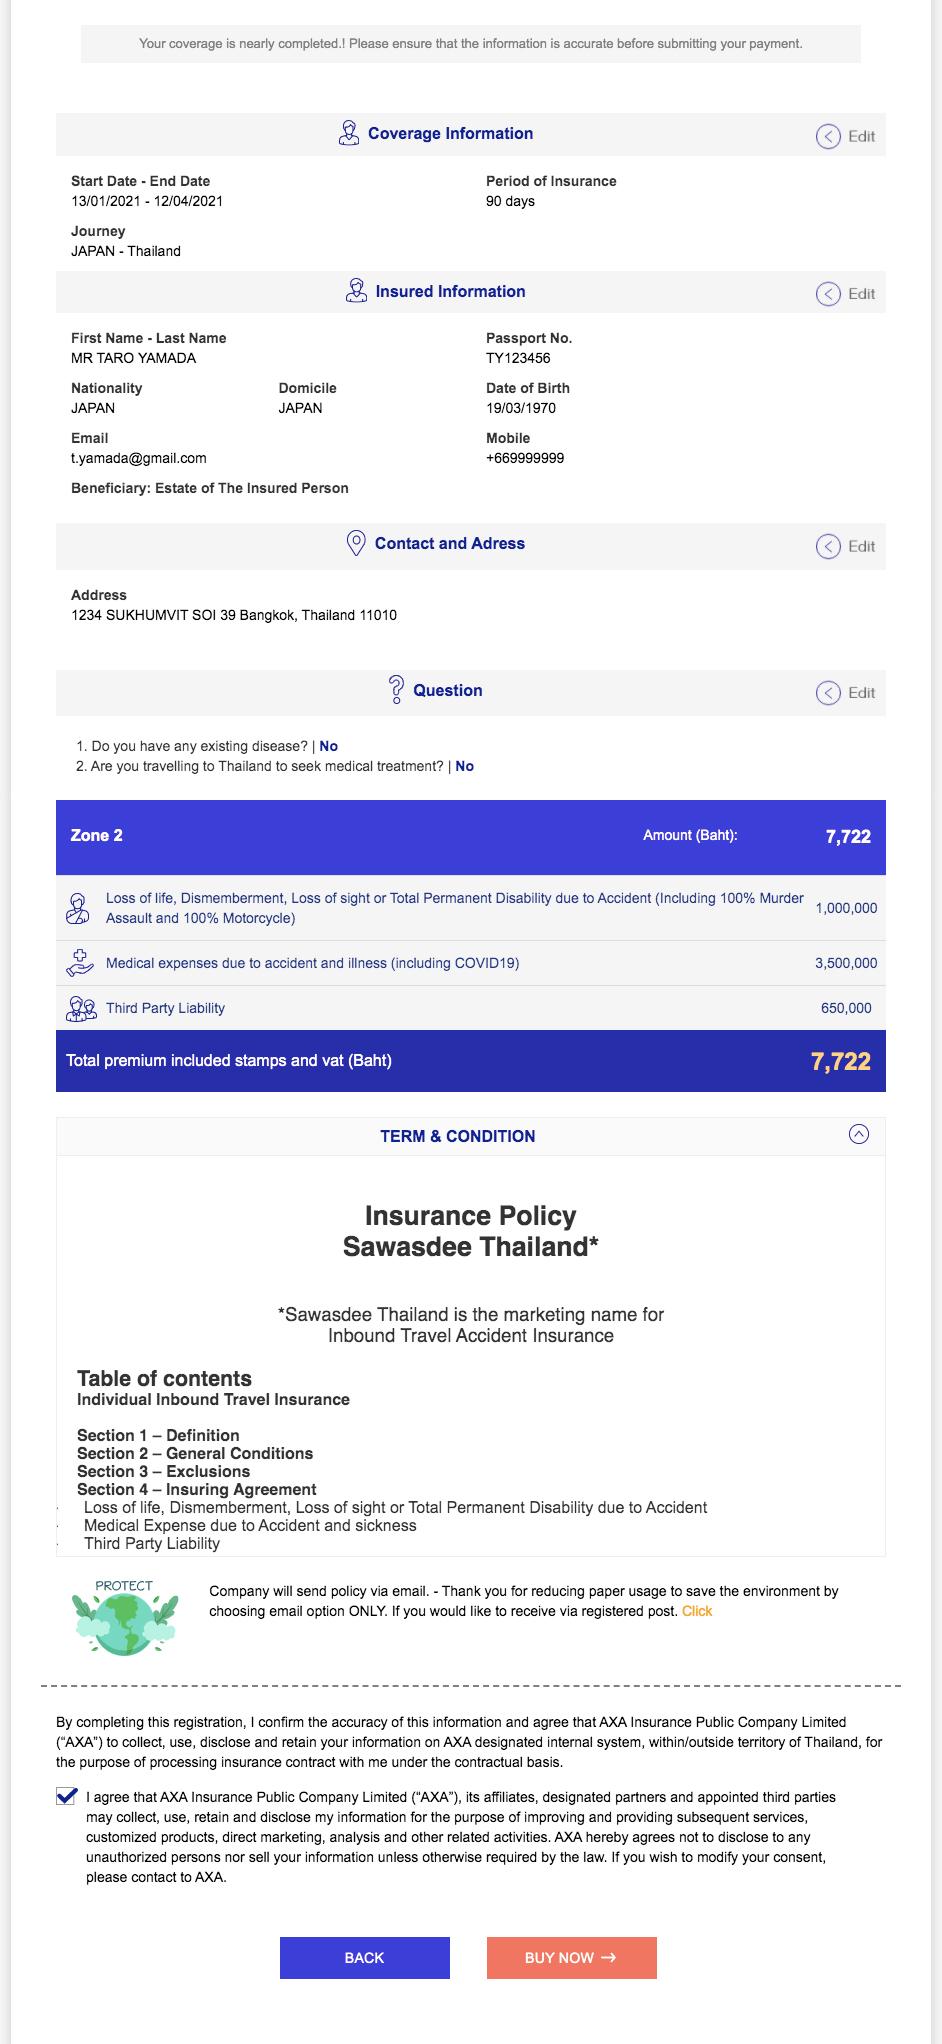 ①記入内容に間違いがないかを確認して下さい。訂正する場合は右横にある「Edit」ボタン を押して訂正して下さい。 ②TERM & CONDITIONの文章を下にスクロールして全文を閲覧した後に、左下にある□にチェック✔を入れて下さい。 ③全てを確認して支払に進みます。「BUY NOW→」をクリック